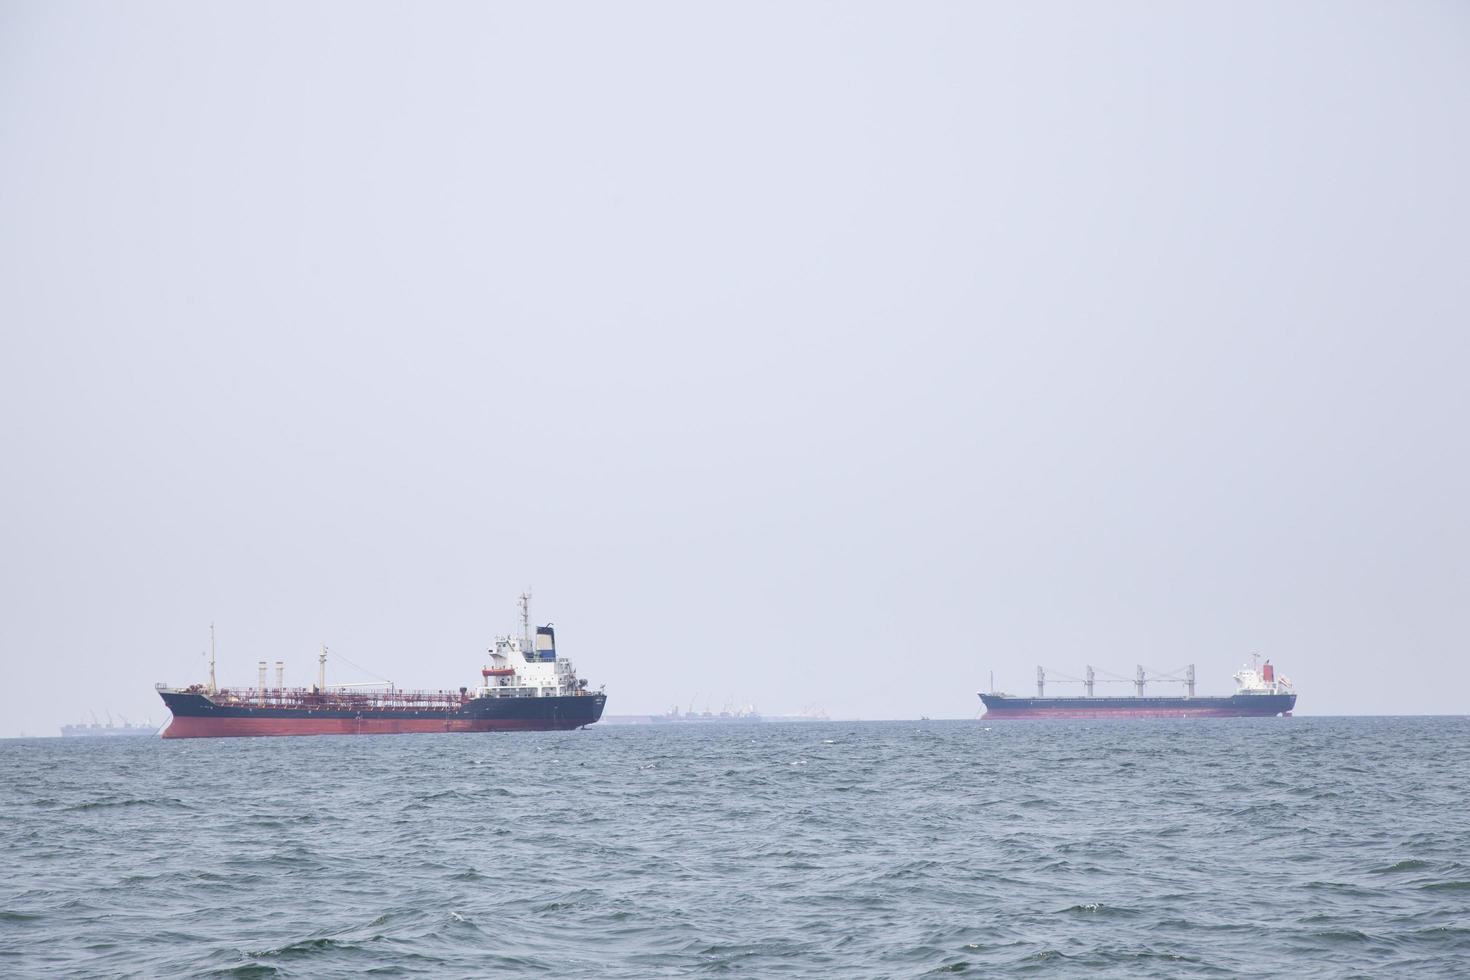 grote vrachtschepen op zee foto